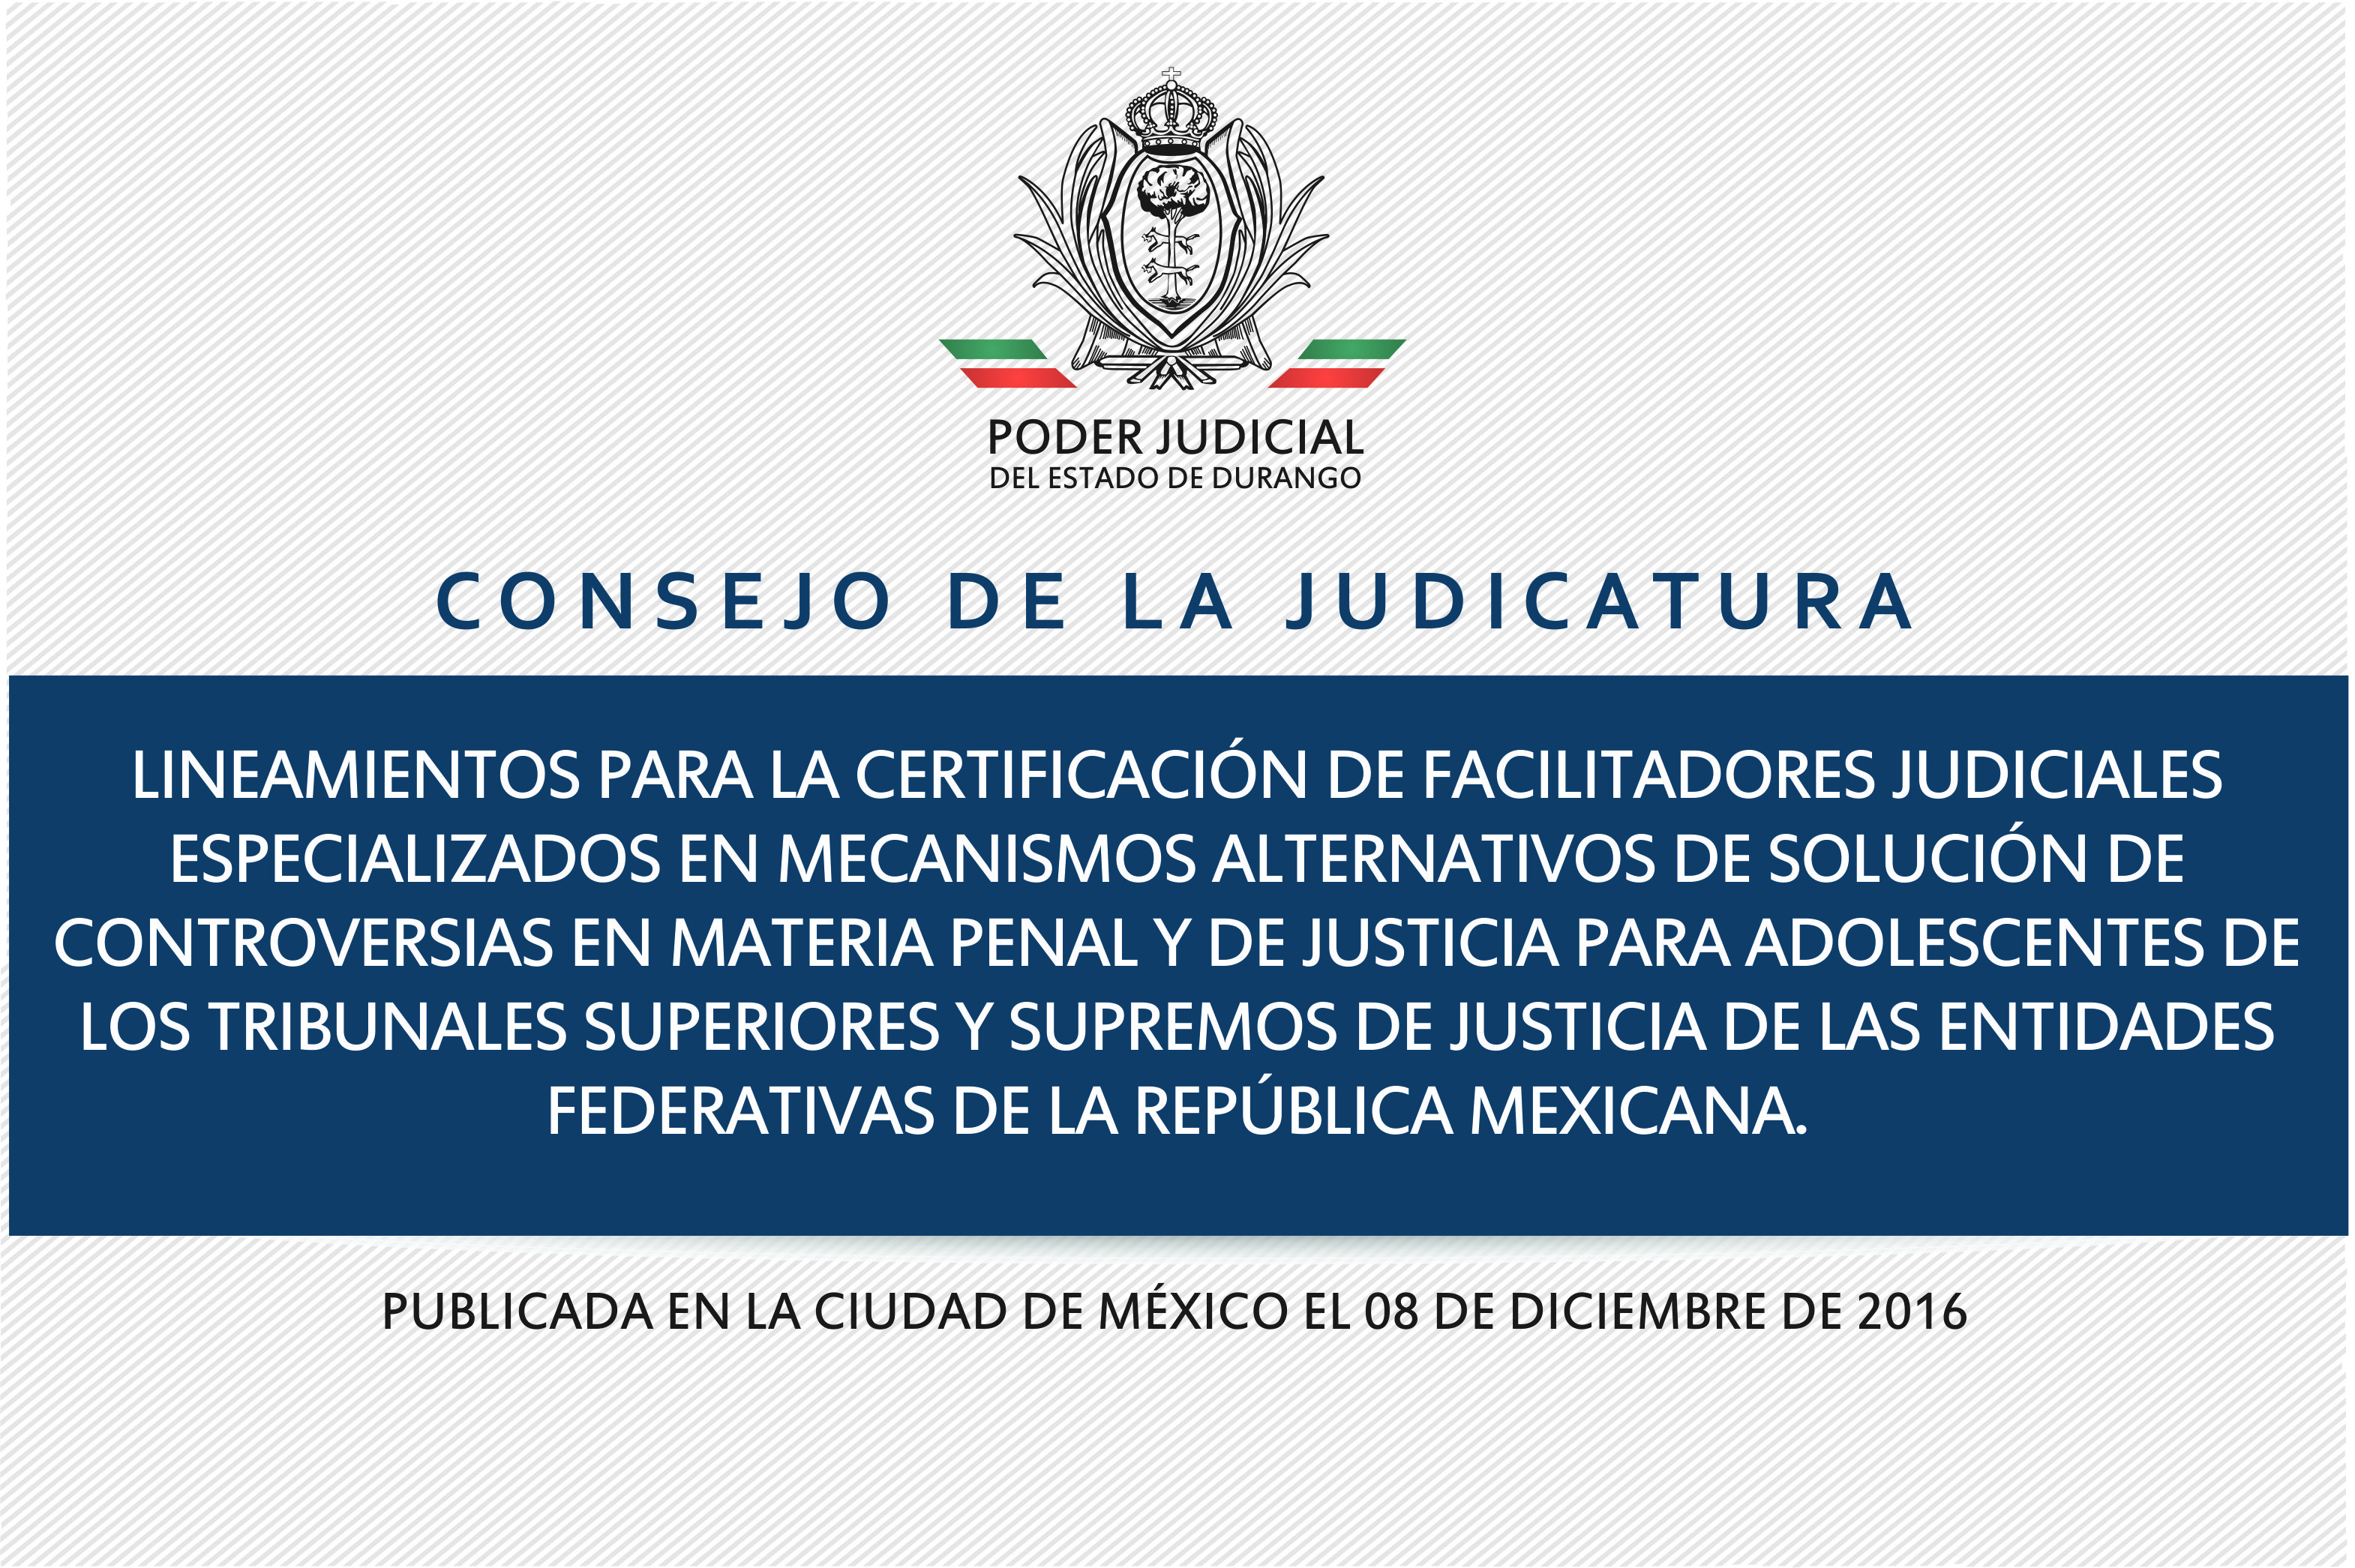 Lineamientos para la certificación de Facilitadores Judiciales Especializados en Mecanismos Alternativos de Solución de Controversias en Materia Penal y de Justicia en las Entidades Federativas de la República Mexicana